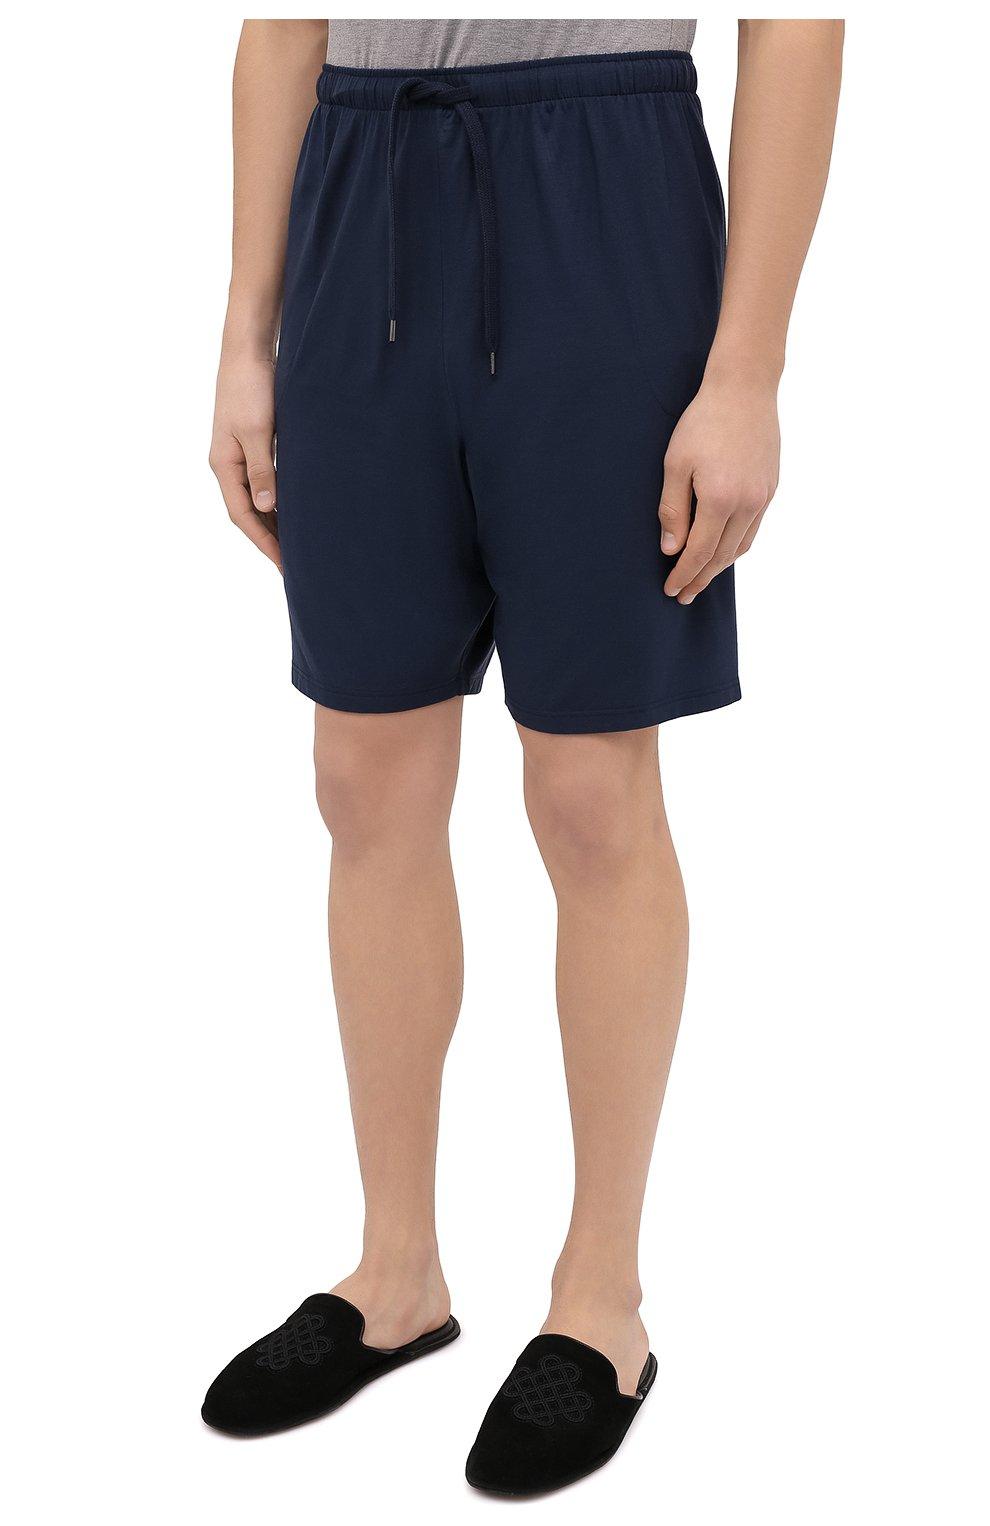 Мужские домашние шорты DEREK ROSE синего цвета, арт. 3559-BASE001 | Фото 3 (Кросс-КТ: домашняя одежда; Материал внешний: Синтетический материал)